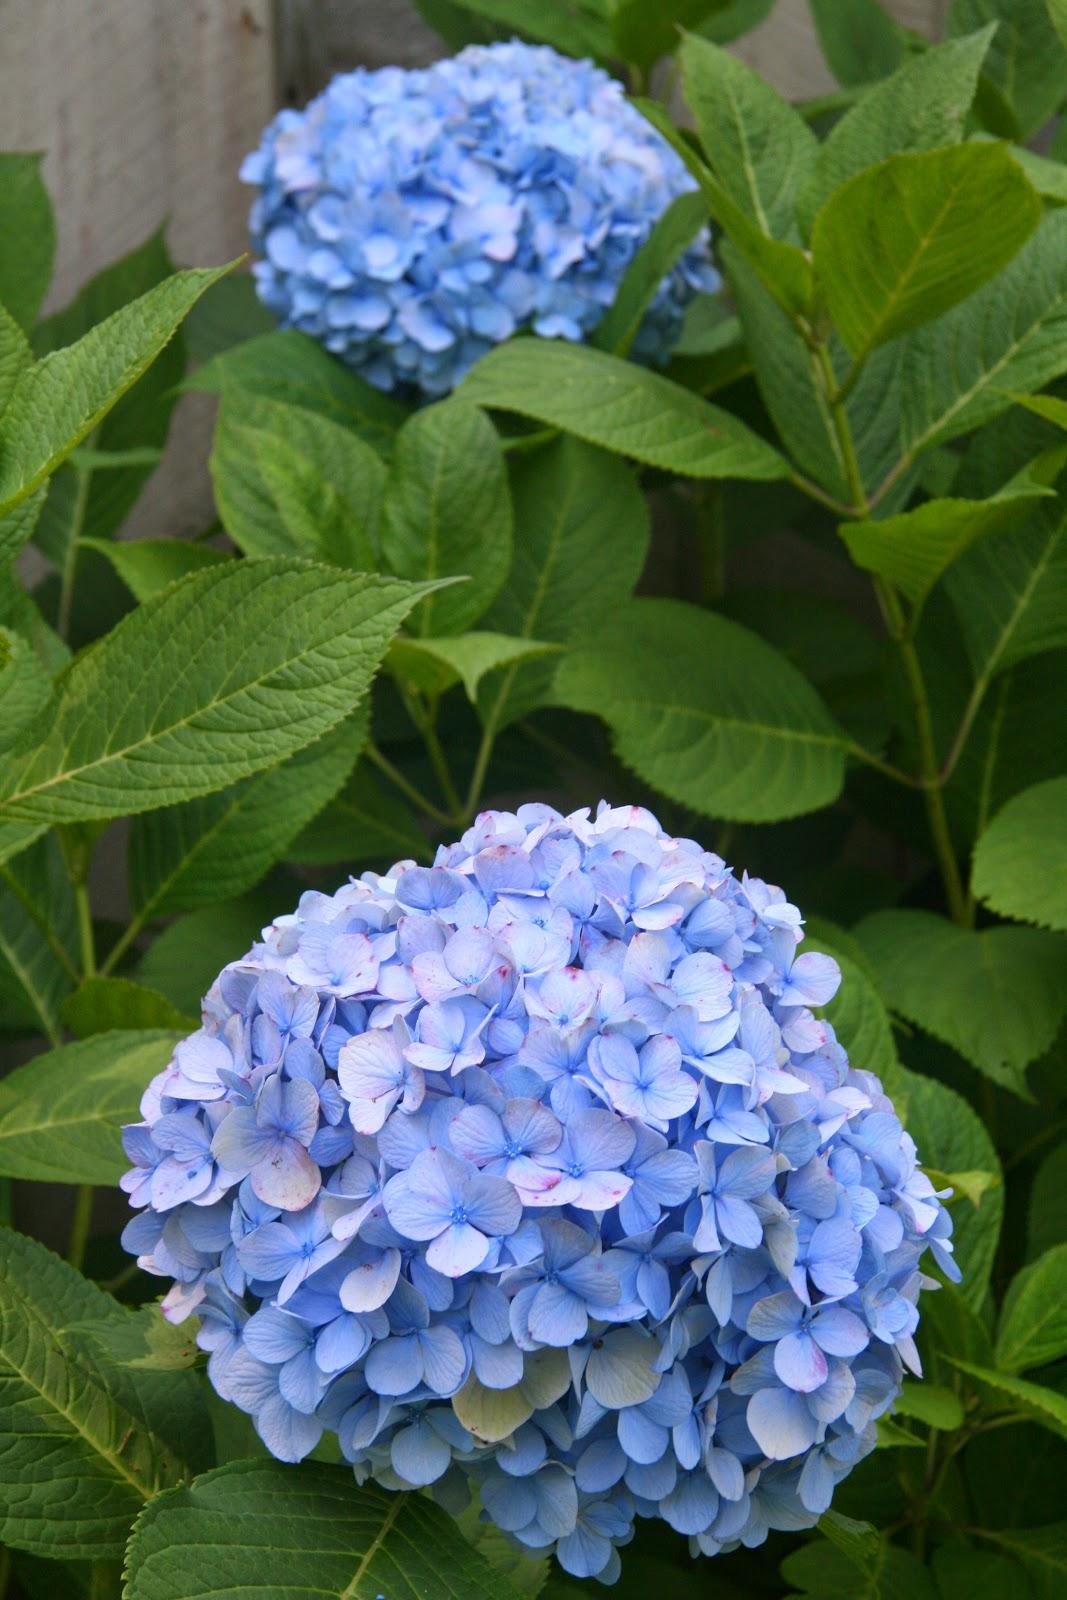 гортензия метельчатая синяя фото попадании загрязнителя